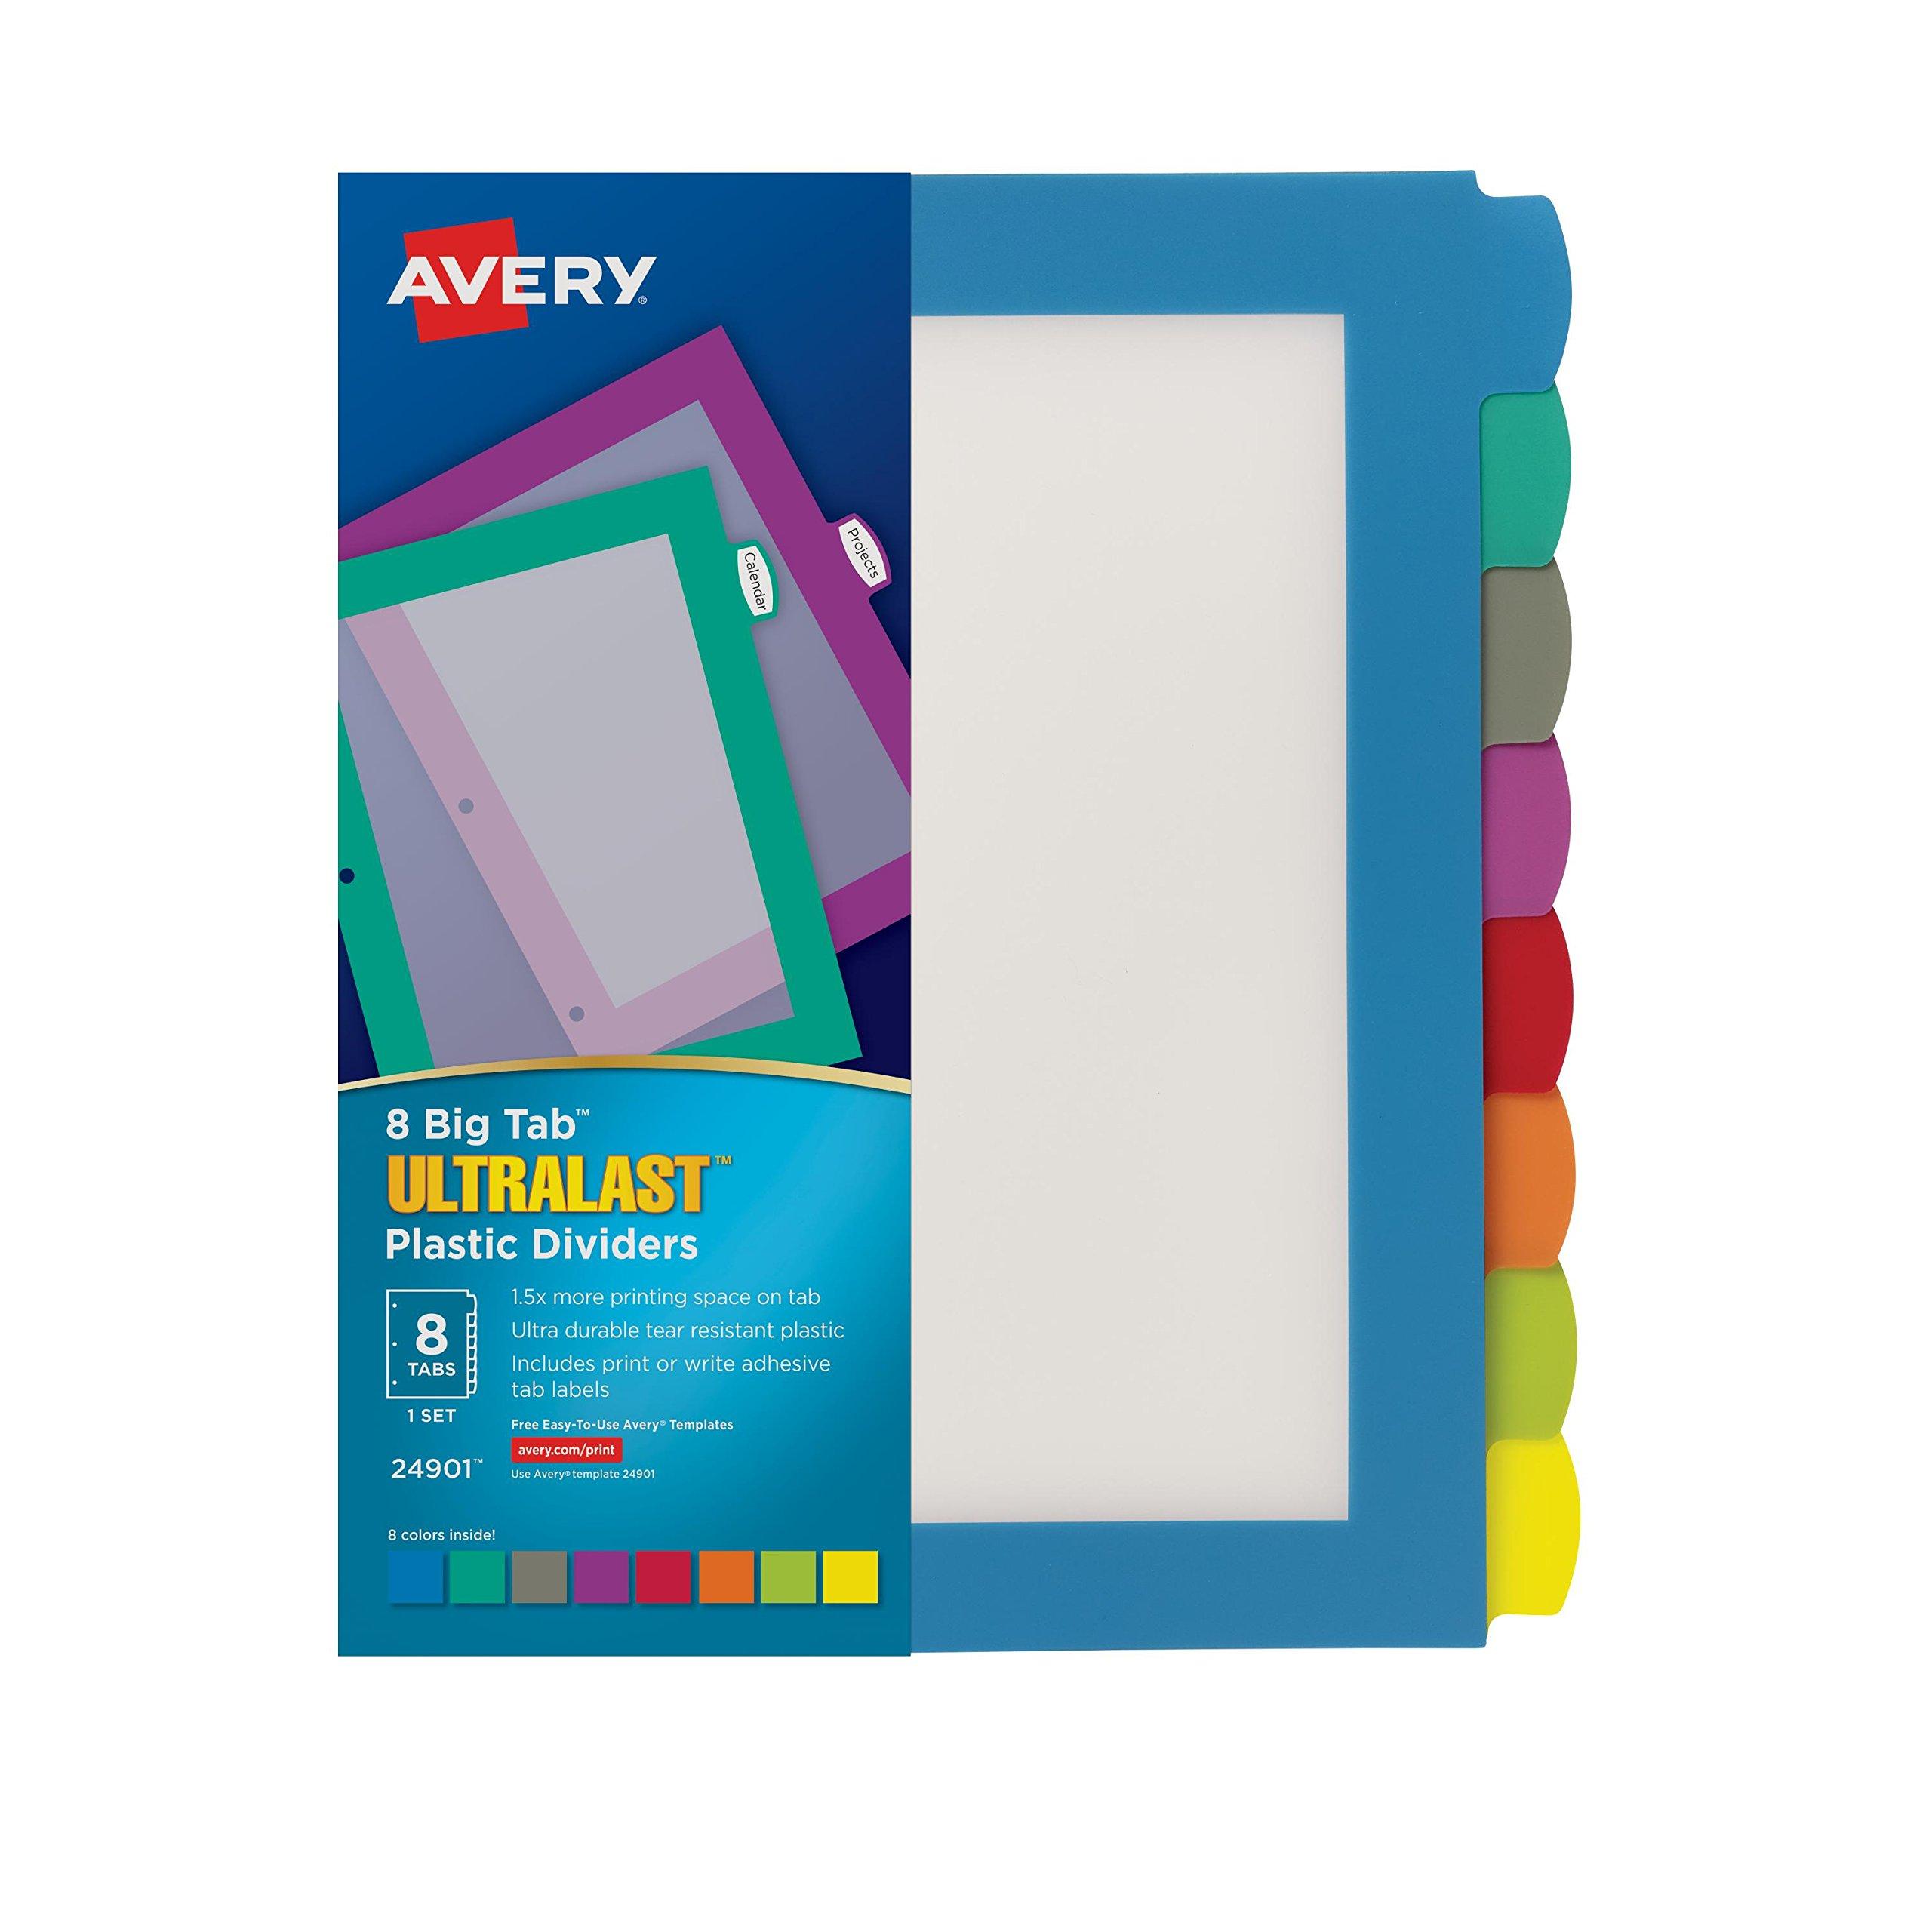 Avery Ultralast Big Tab Plastic Dividers, 8 Tabs, 1 Set, Multicolor (24901)